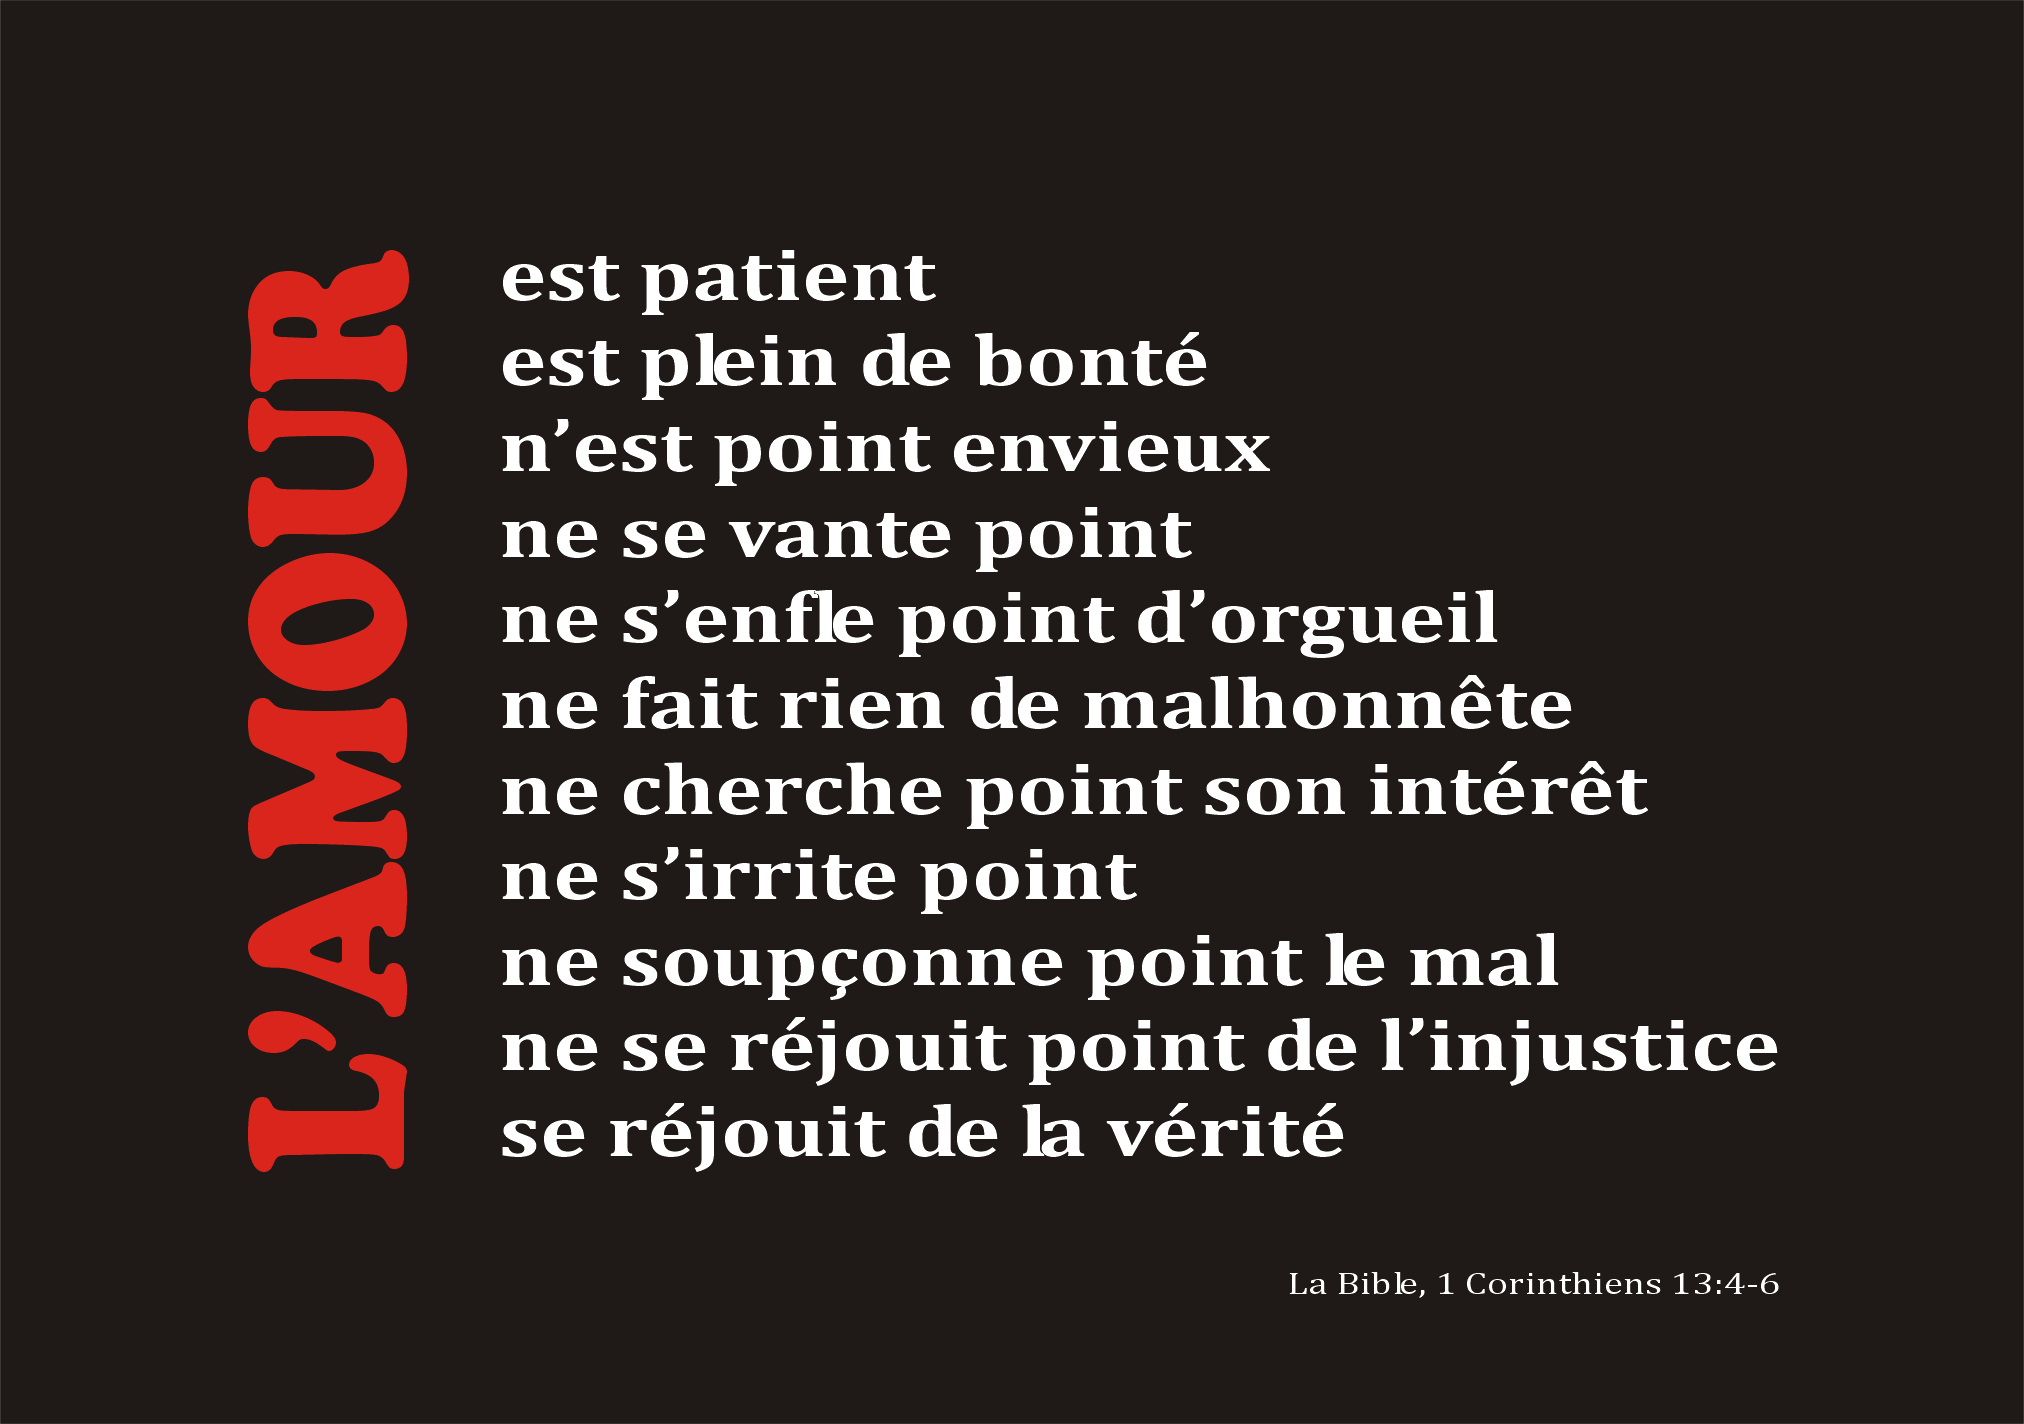 Célèbre bonté | 1001 versets YJ29